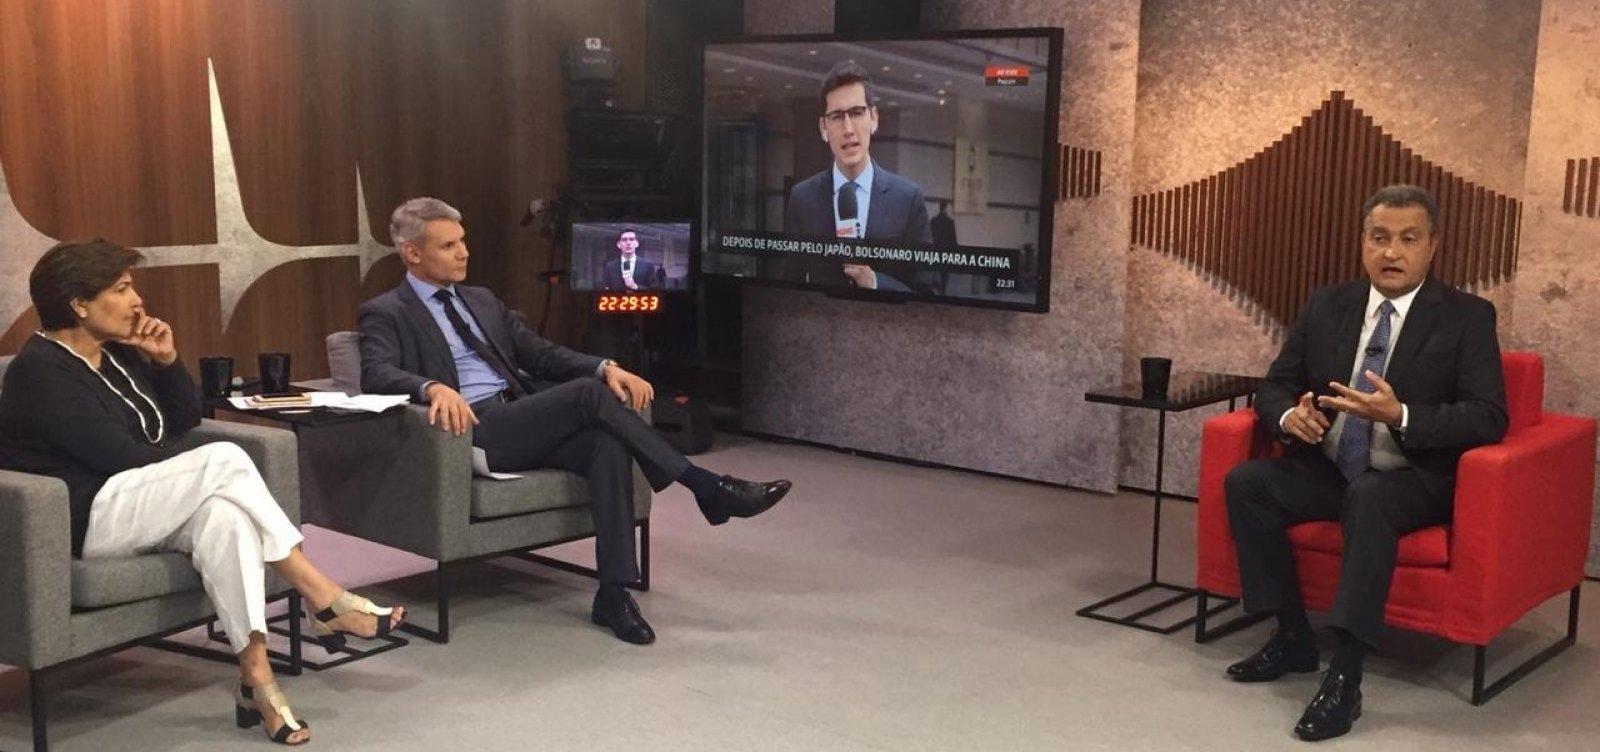 [Rui culpa governo Bolsonaro por usar 'critérios políticos ideológicos' na falta de reação a óleo]